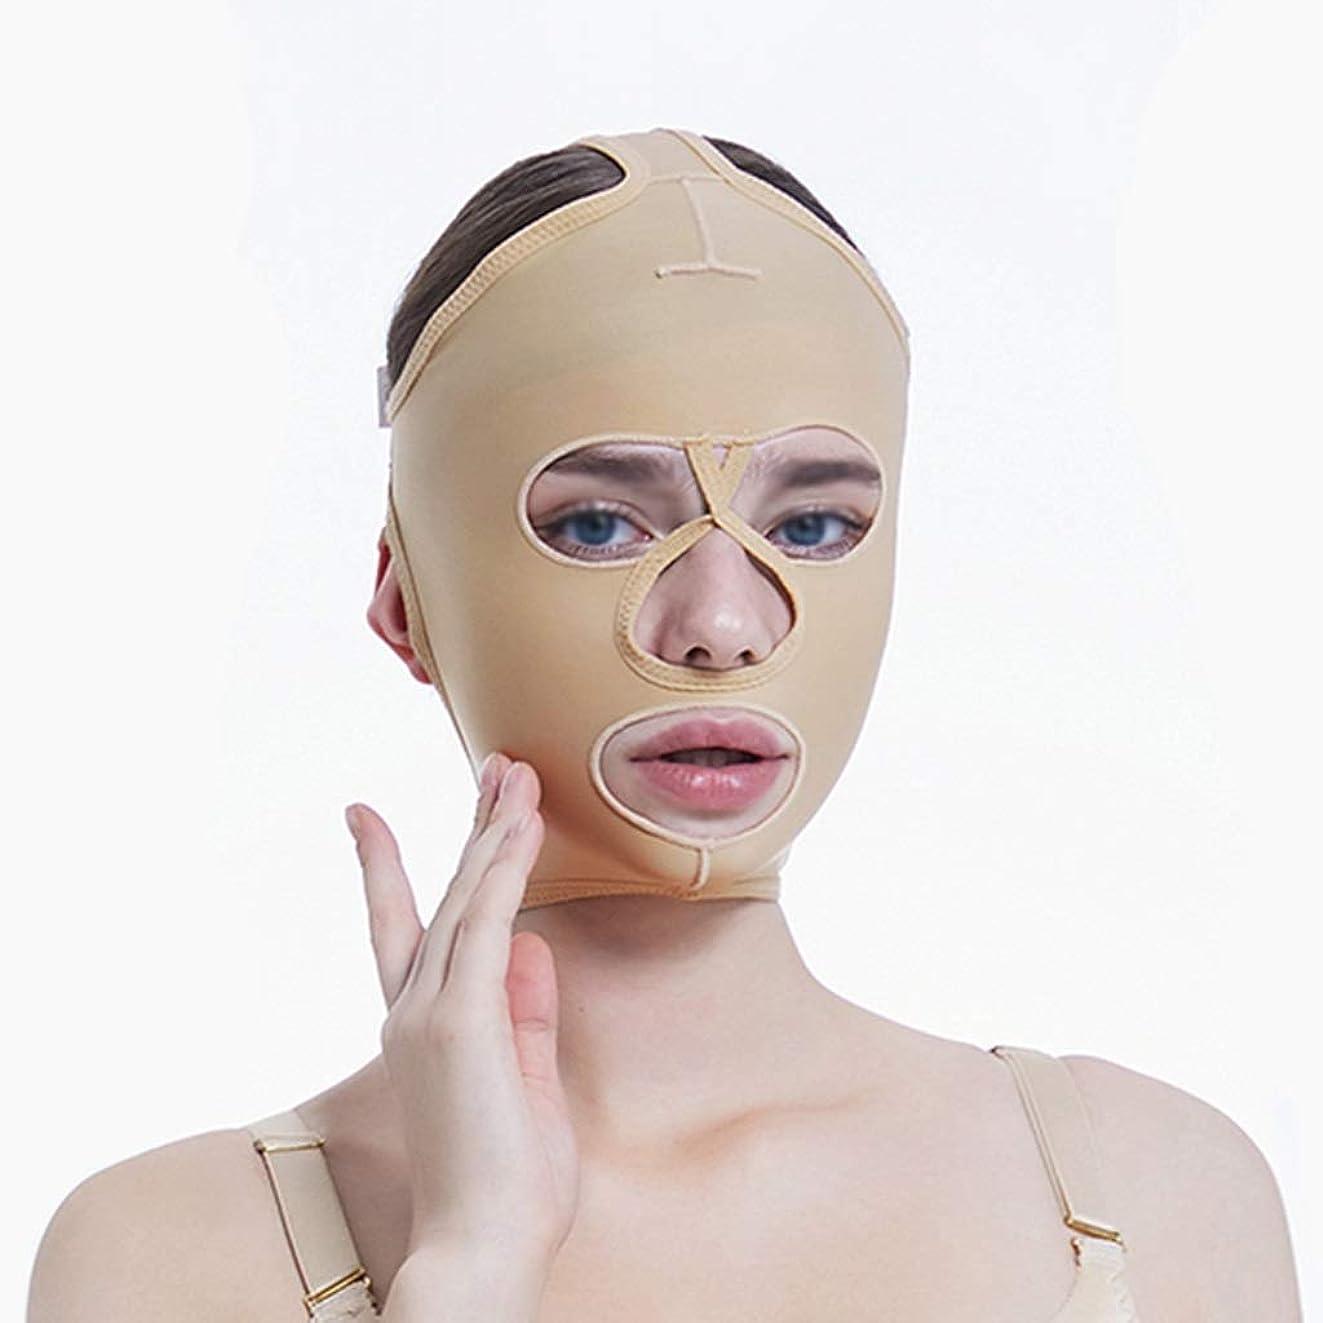 パステル例外呼吸するチンリフティングベルト、超薄型ベルト、引き締めマスク、包帯吊り、フェイスリフティングマスク、超薄型ベルト、通気性(サイズ:L),M